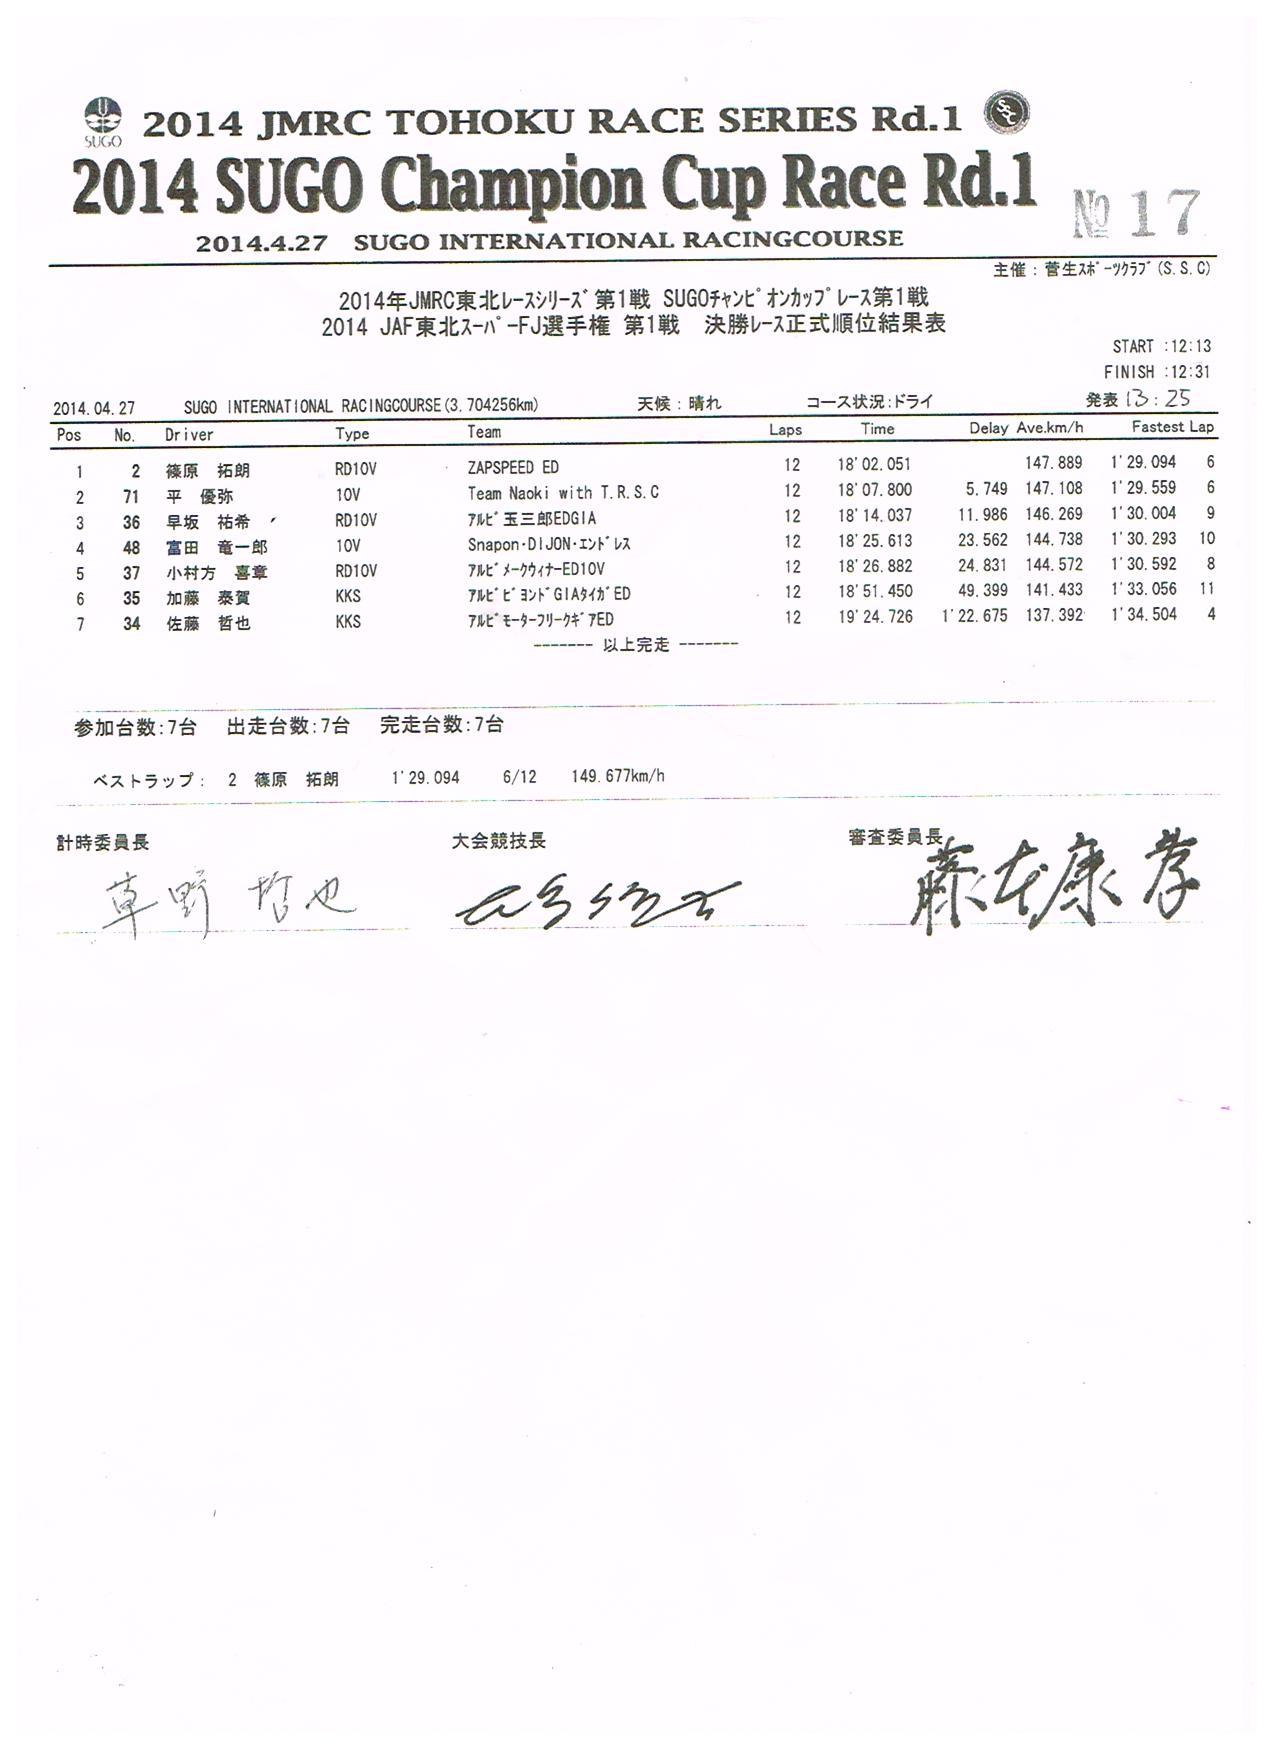 2014東北Rd.1決勝リザルト